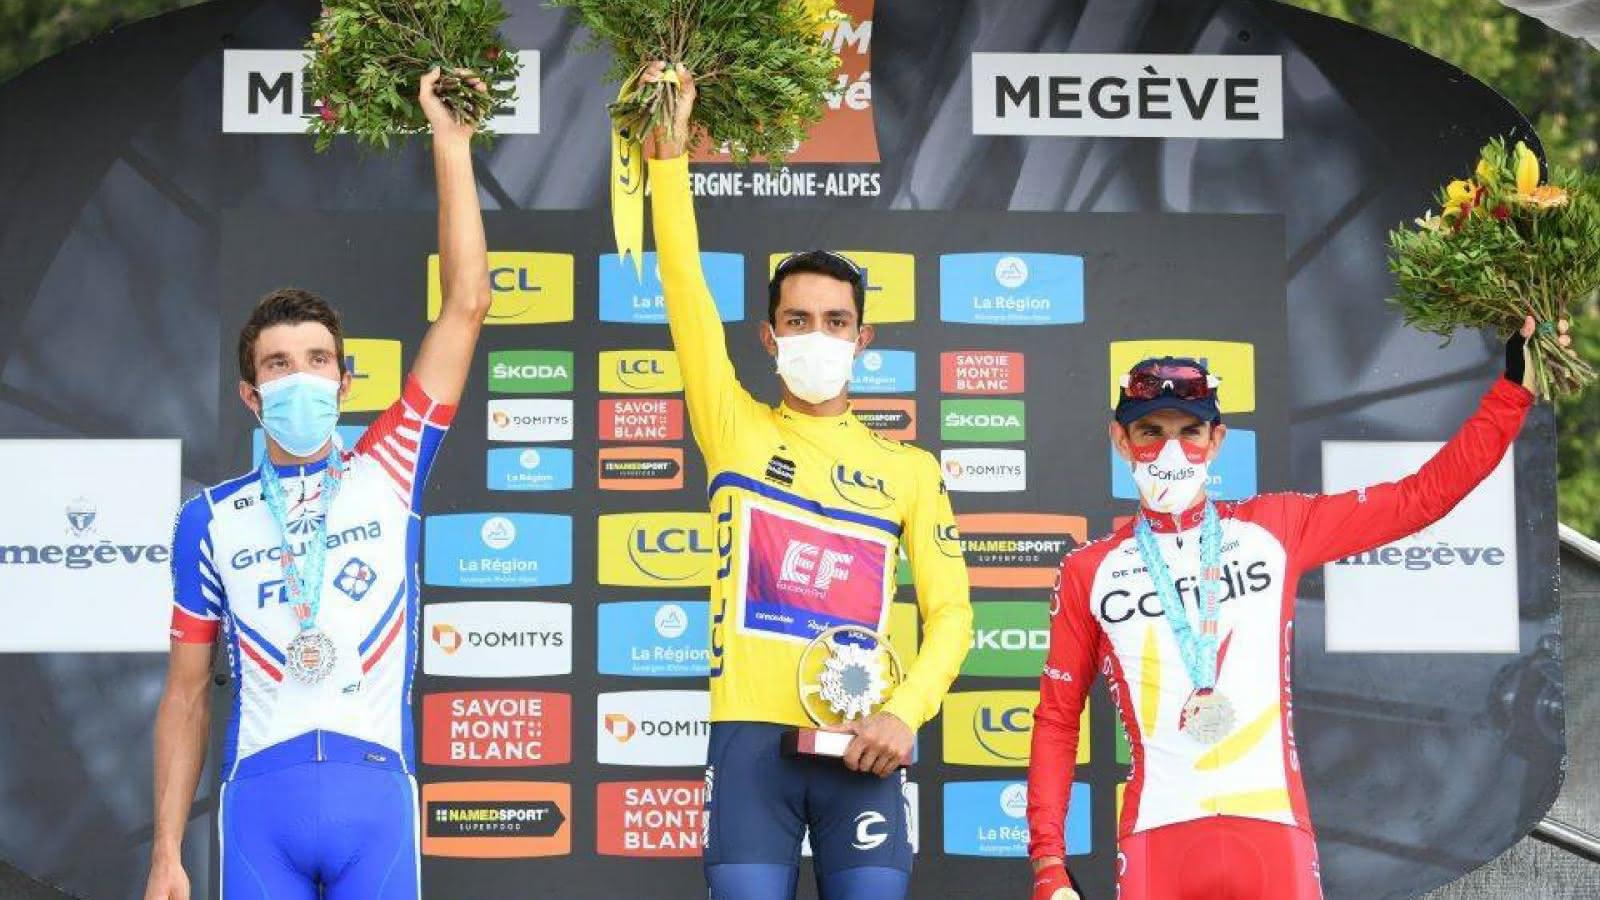 Critérium du Dauphiné Auvergne Rhône-Alpes